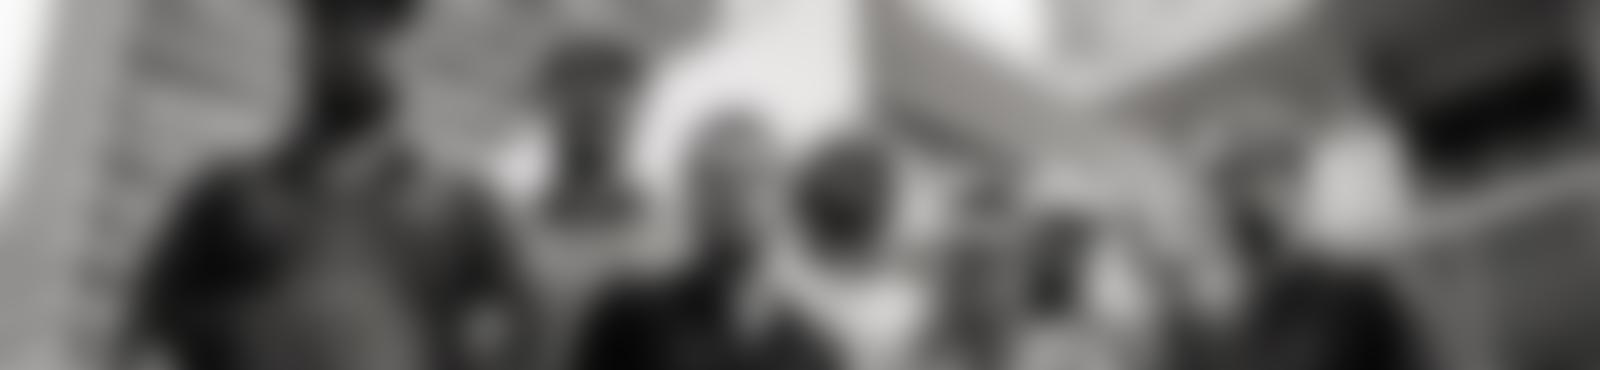 Blurred 77e611e7 0ae5 4e3e 8104 13ed54b195fd